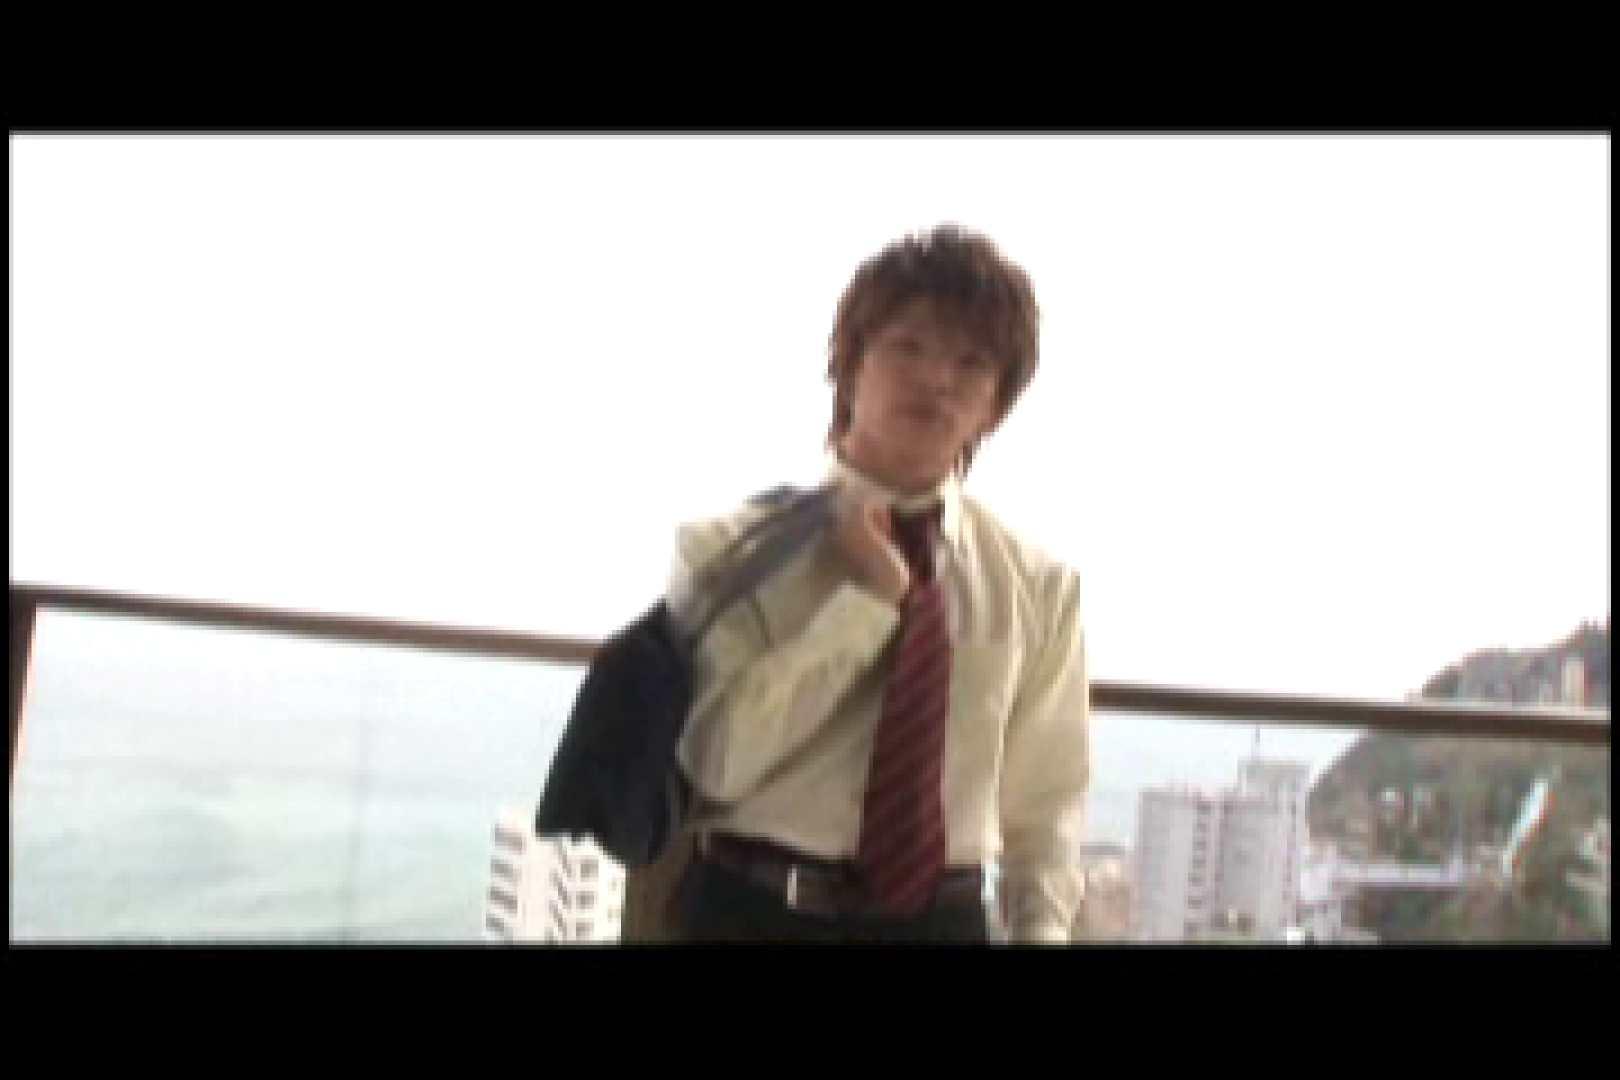 美男子コレクションvol4 男まつり | ディルド最高 ゲイ無料無修正画像 88枚 24